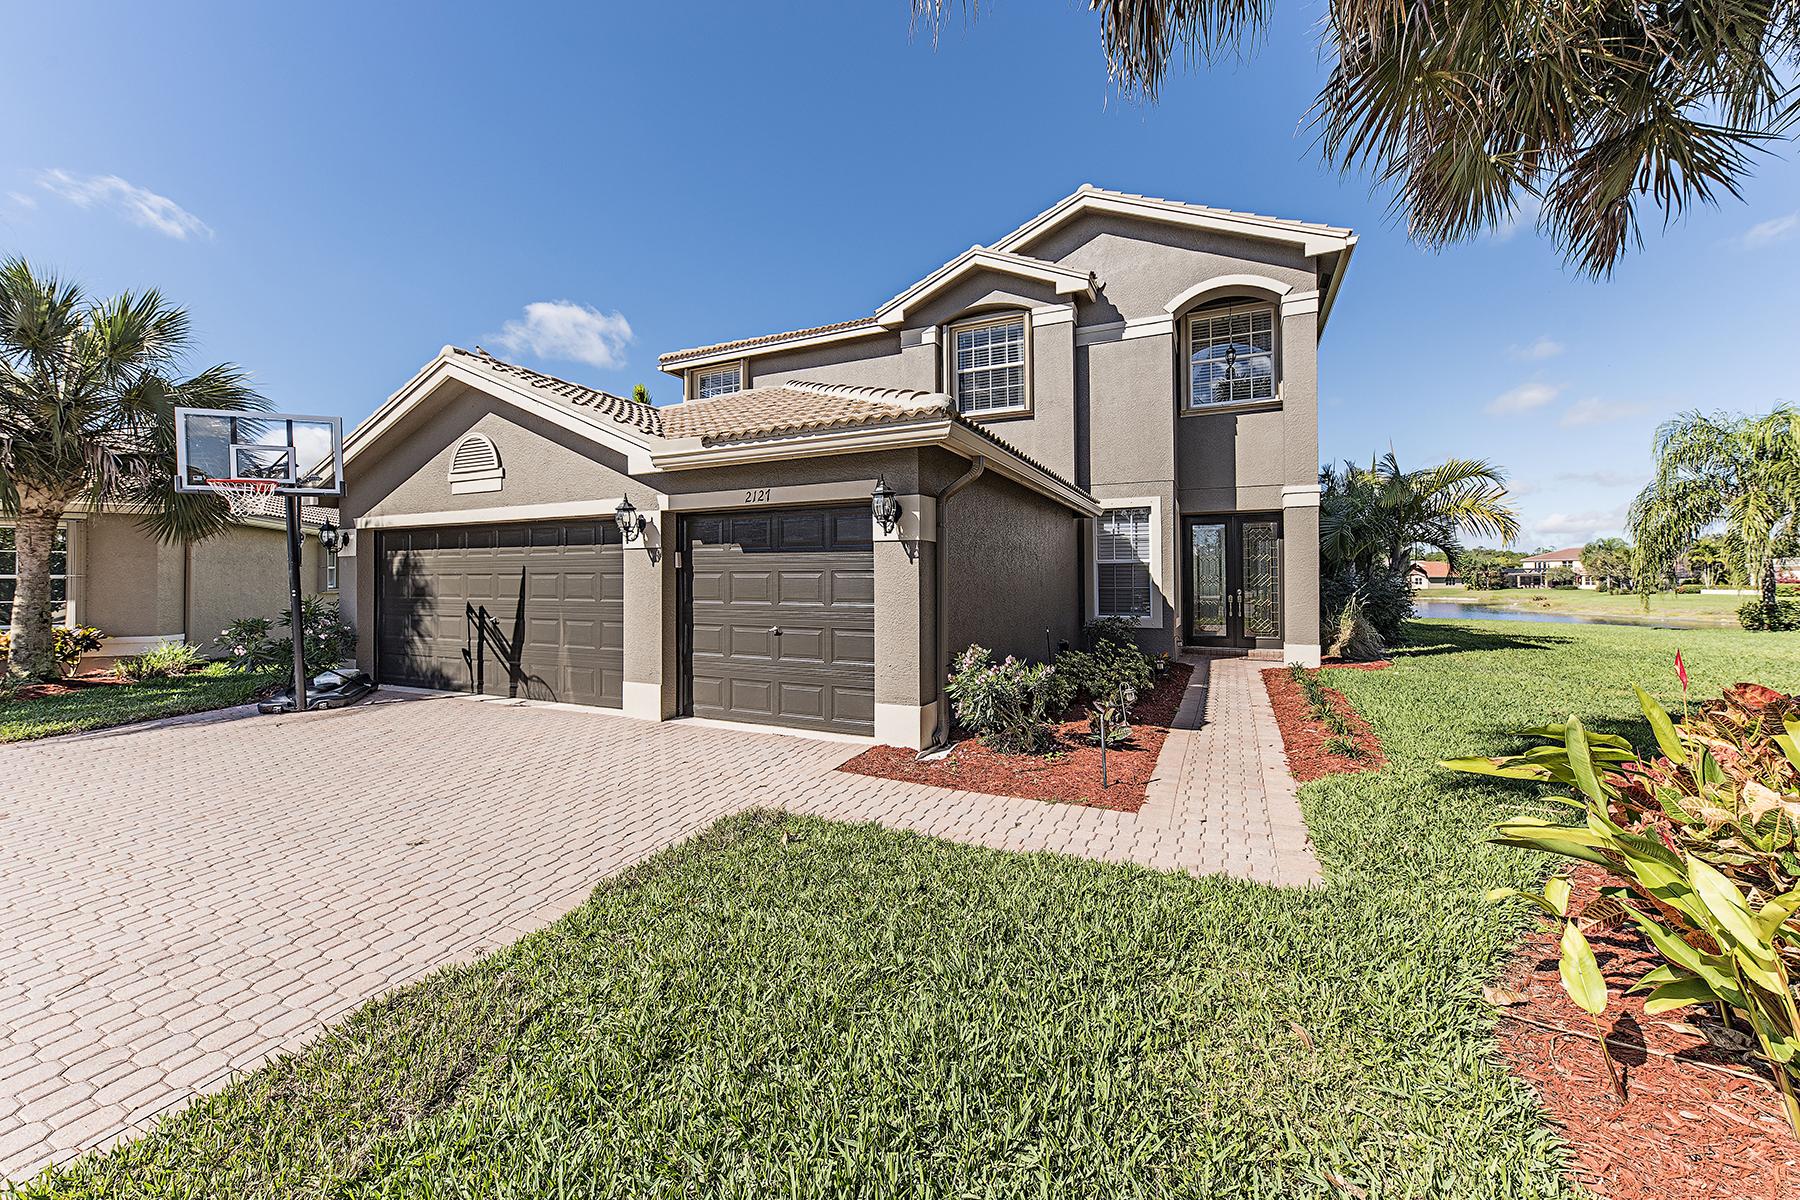 獨棟家庭住宅 為 出售 在 Naples 2127 Khasia Pt Naples, 佛羅里達州, 34119 美國